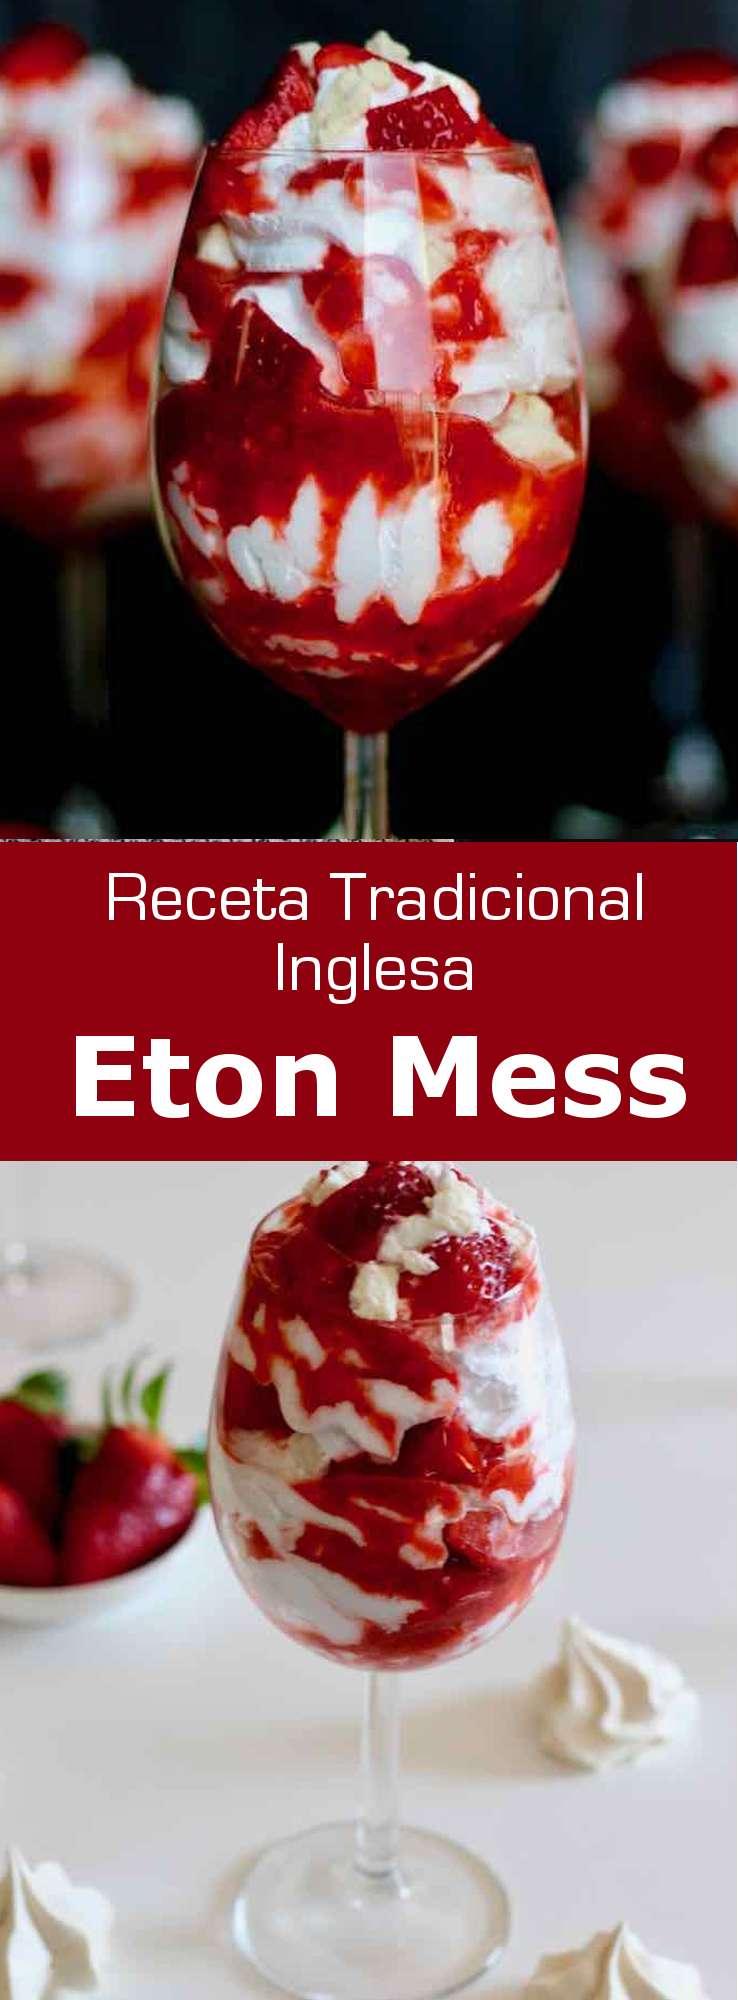 El Eton Mess es un postre tradicional inglés hecho con una mezcla de fresas (o plátanos), merengue triturado y nata montada ligeramente azucarada.